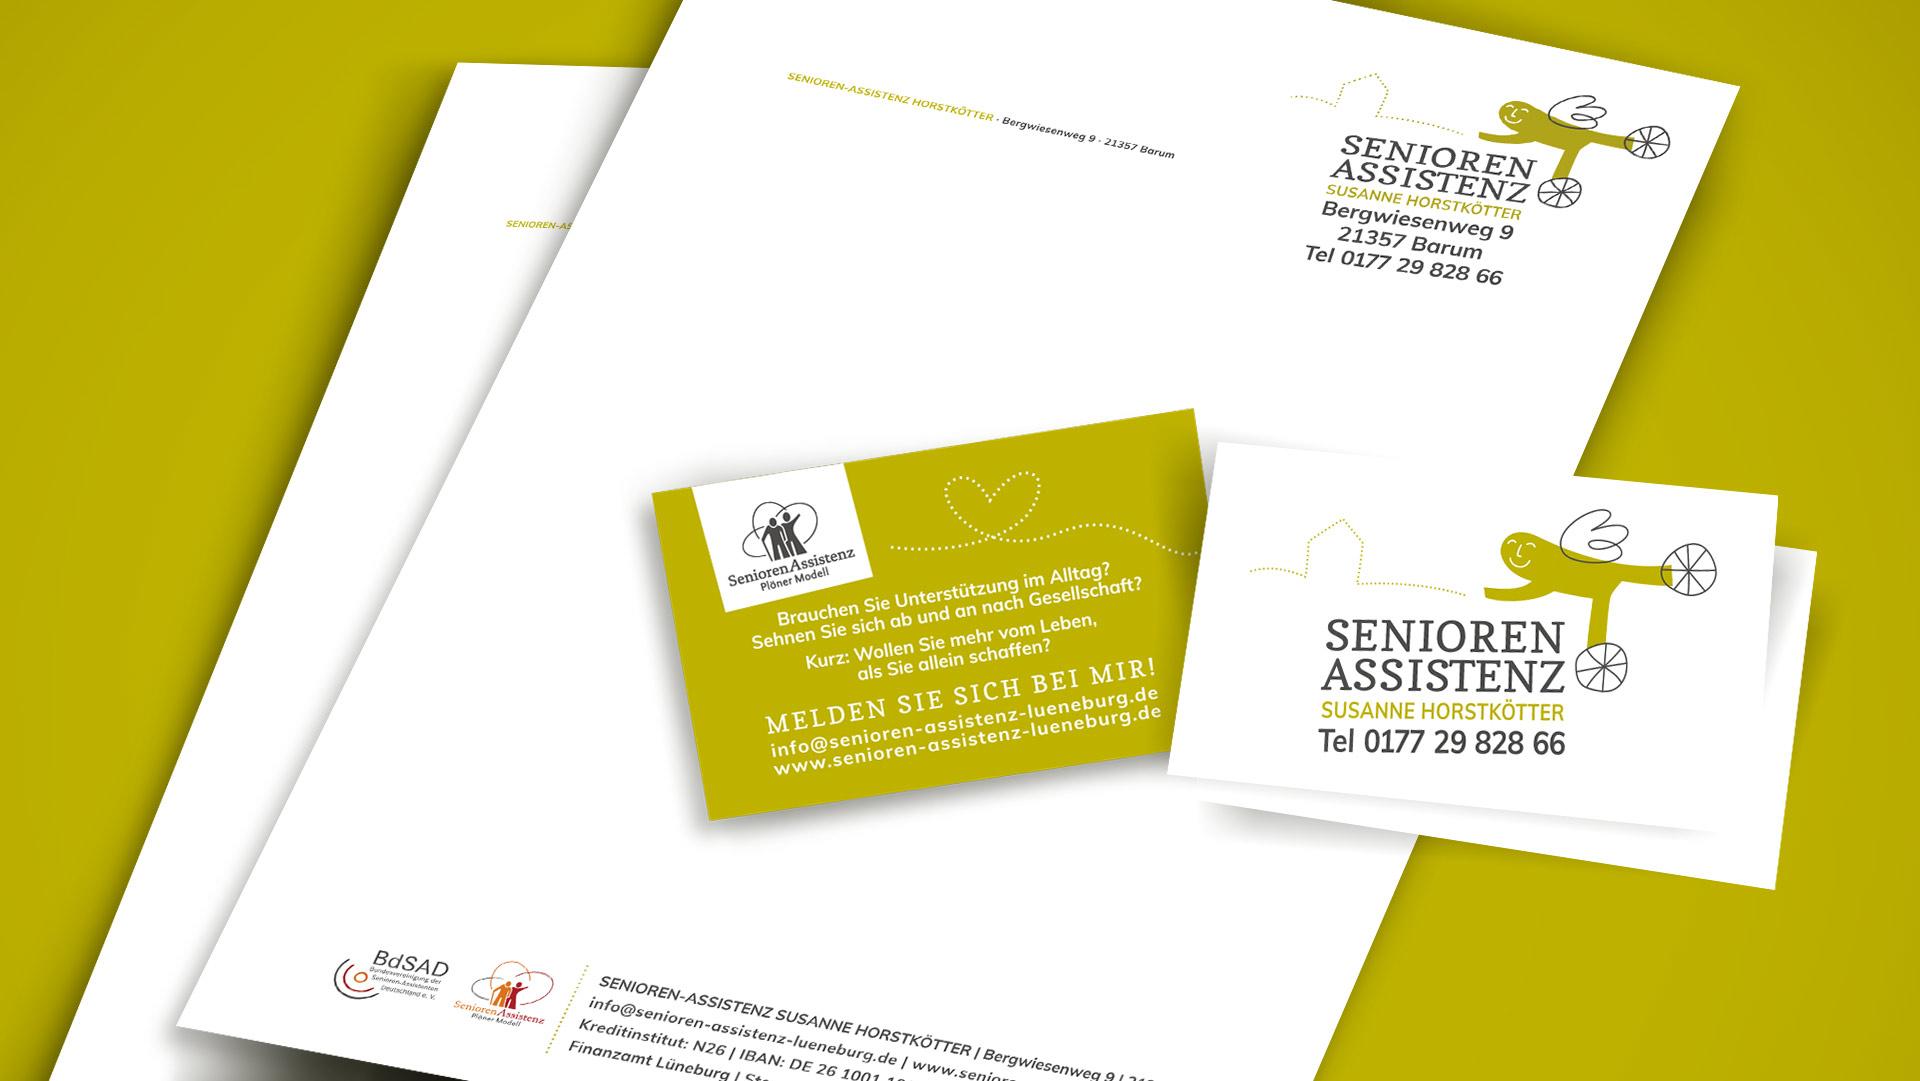 Briefpapier und Visitenkarten der Seniorenassistenz Susanne Horstkötter